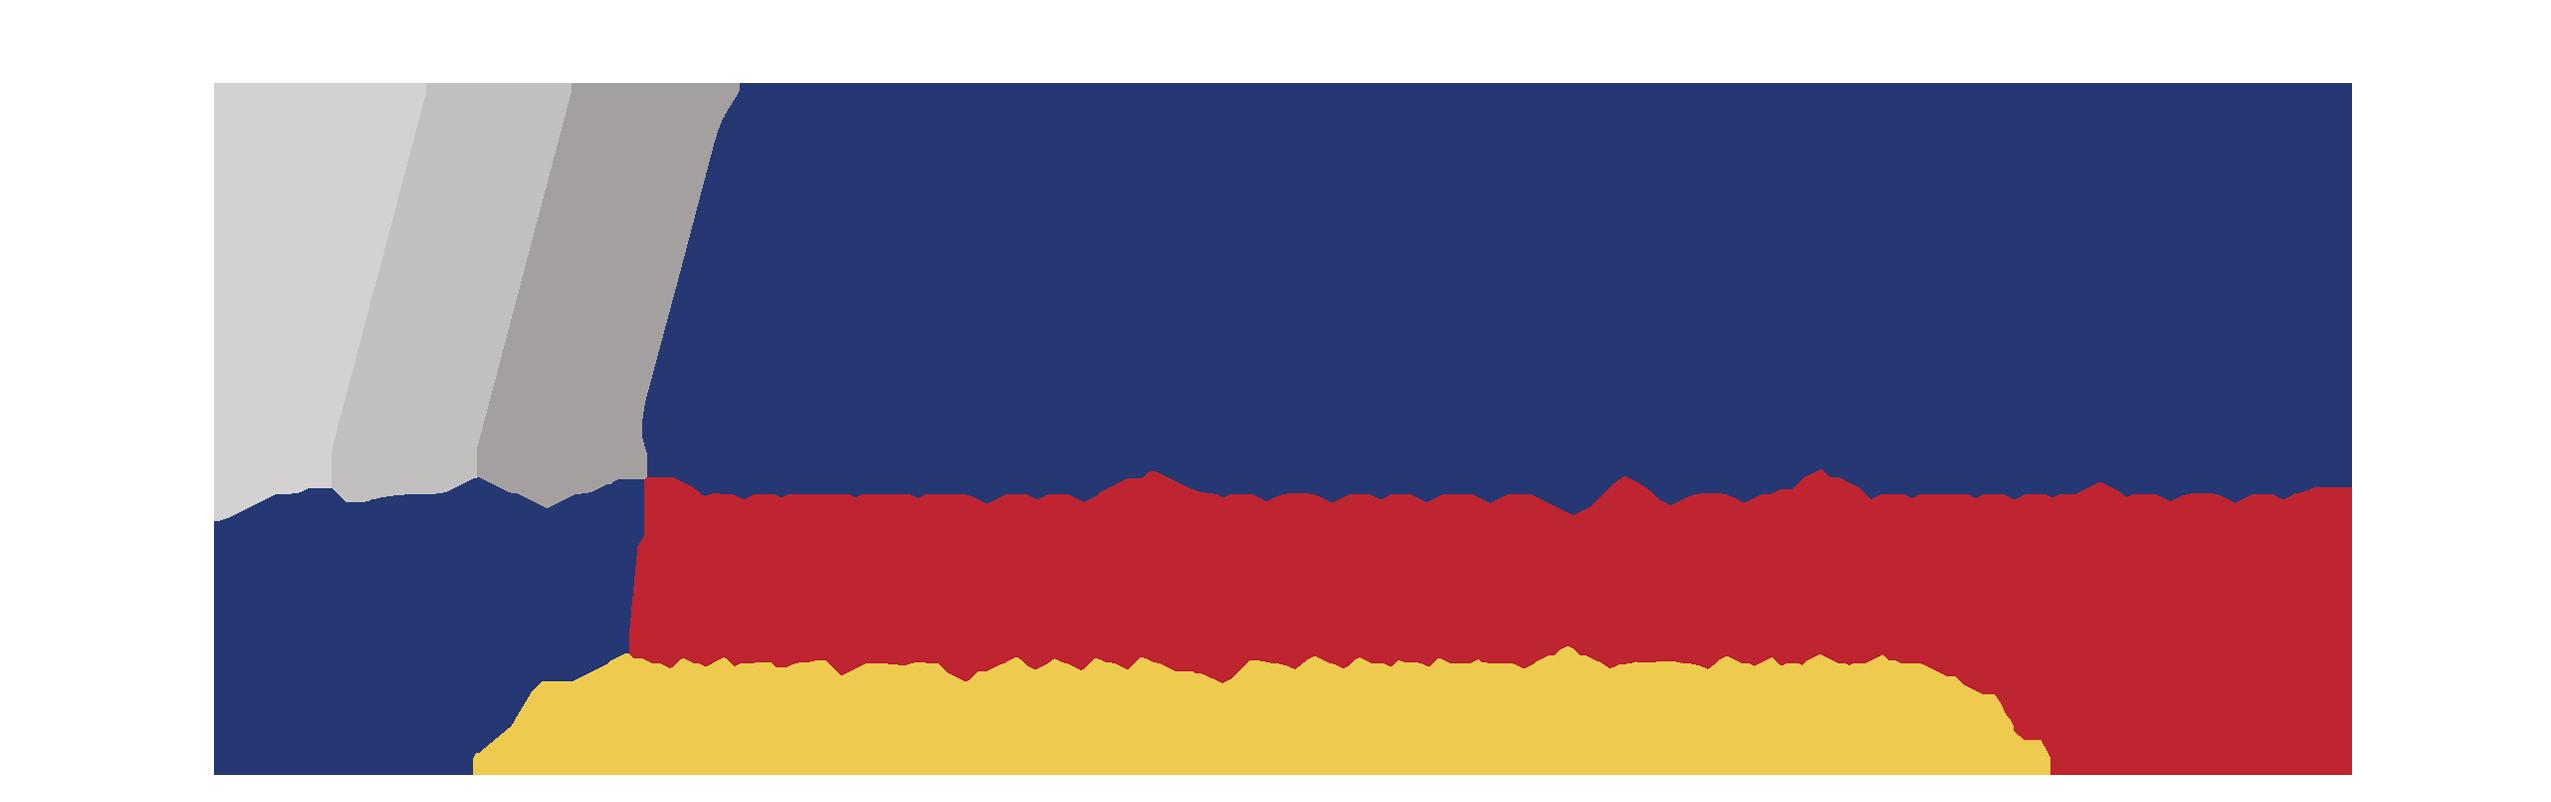 Evento de Entrenamiento Internacional en Charlotte